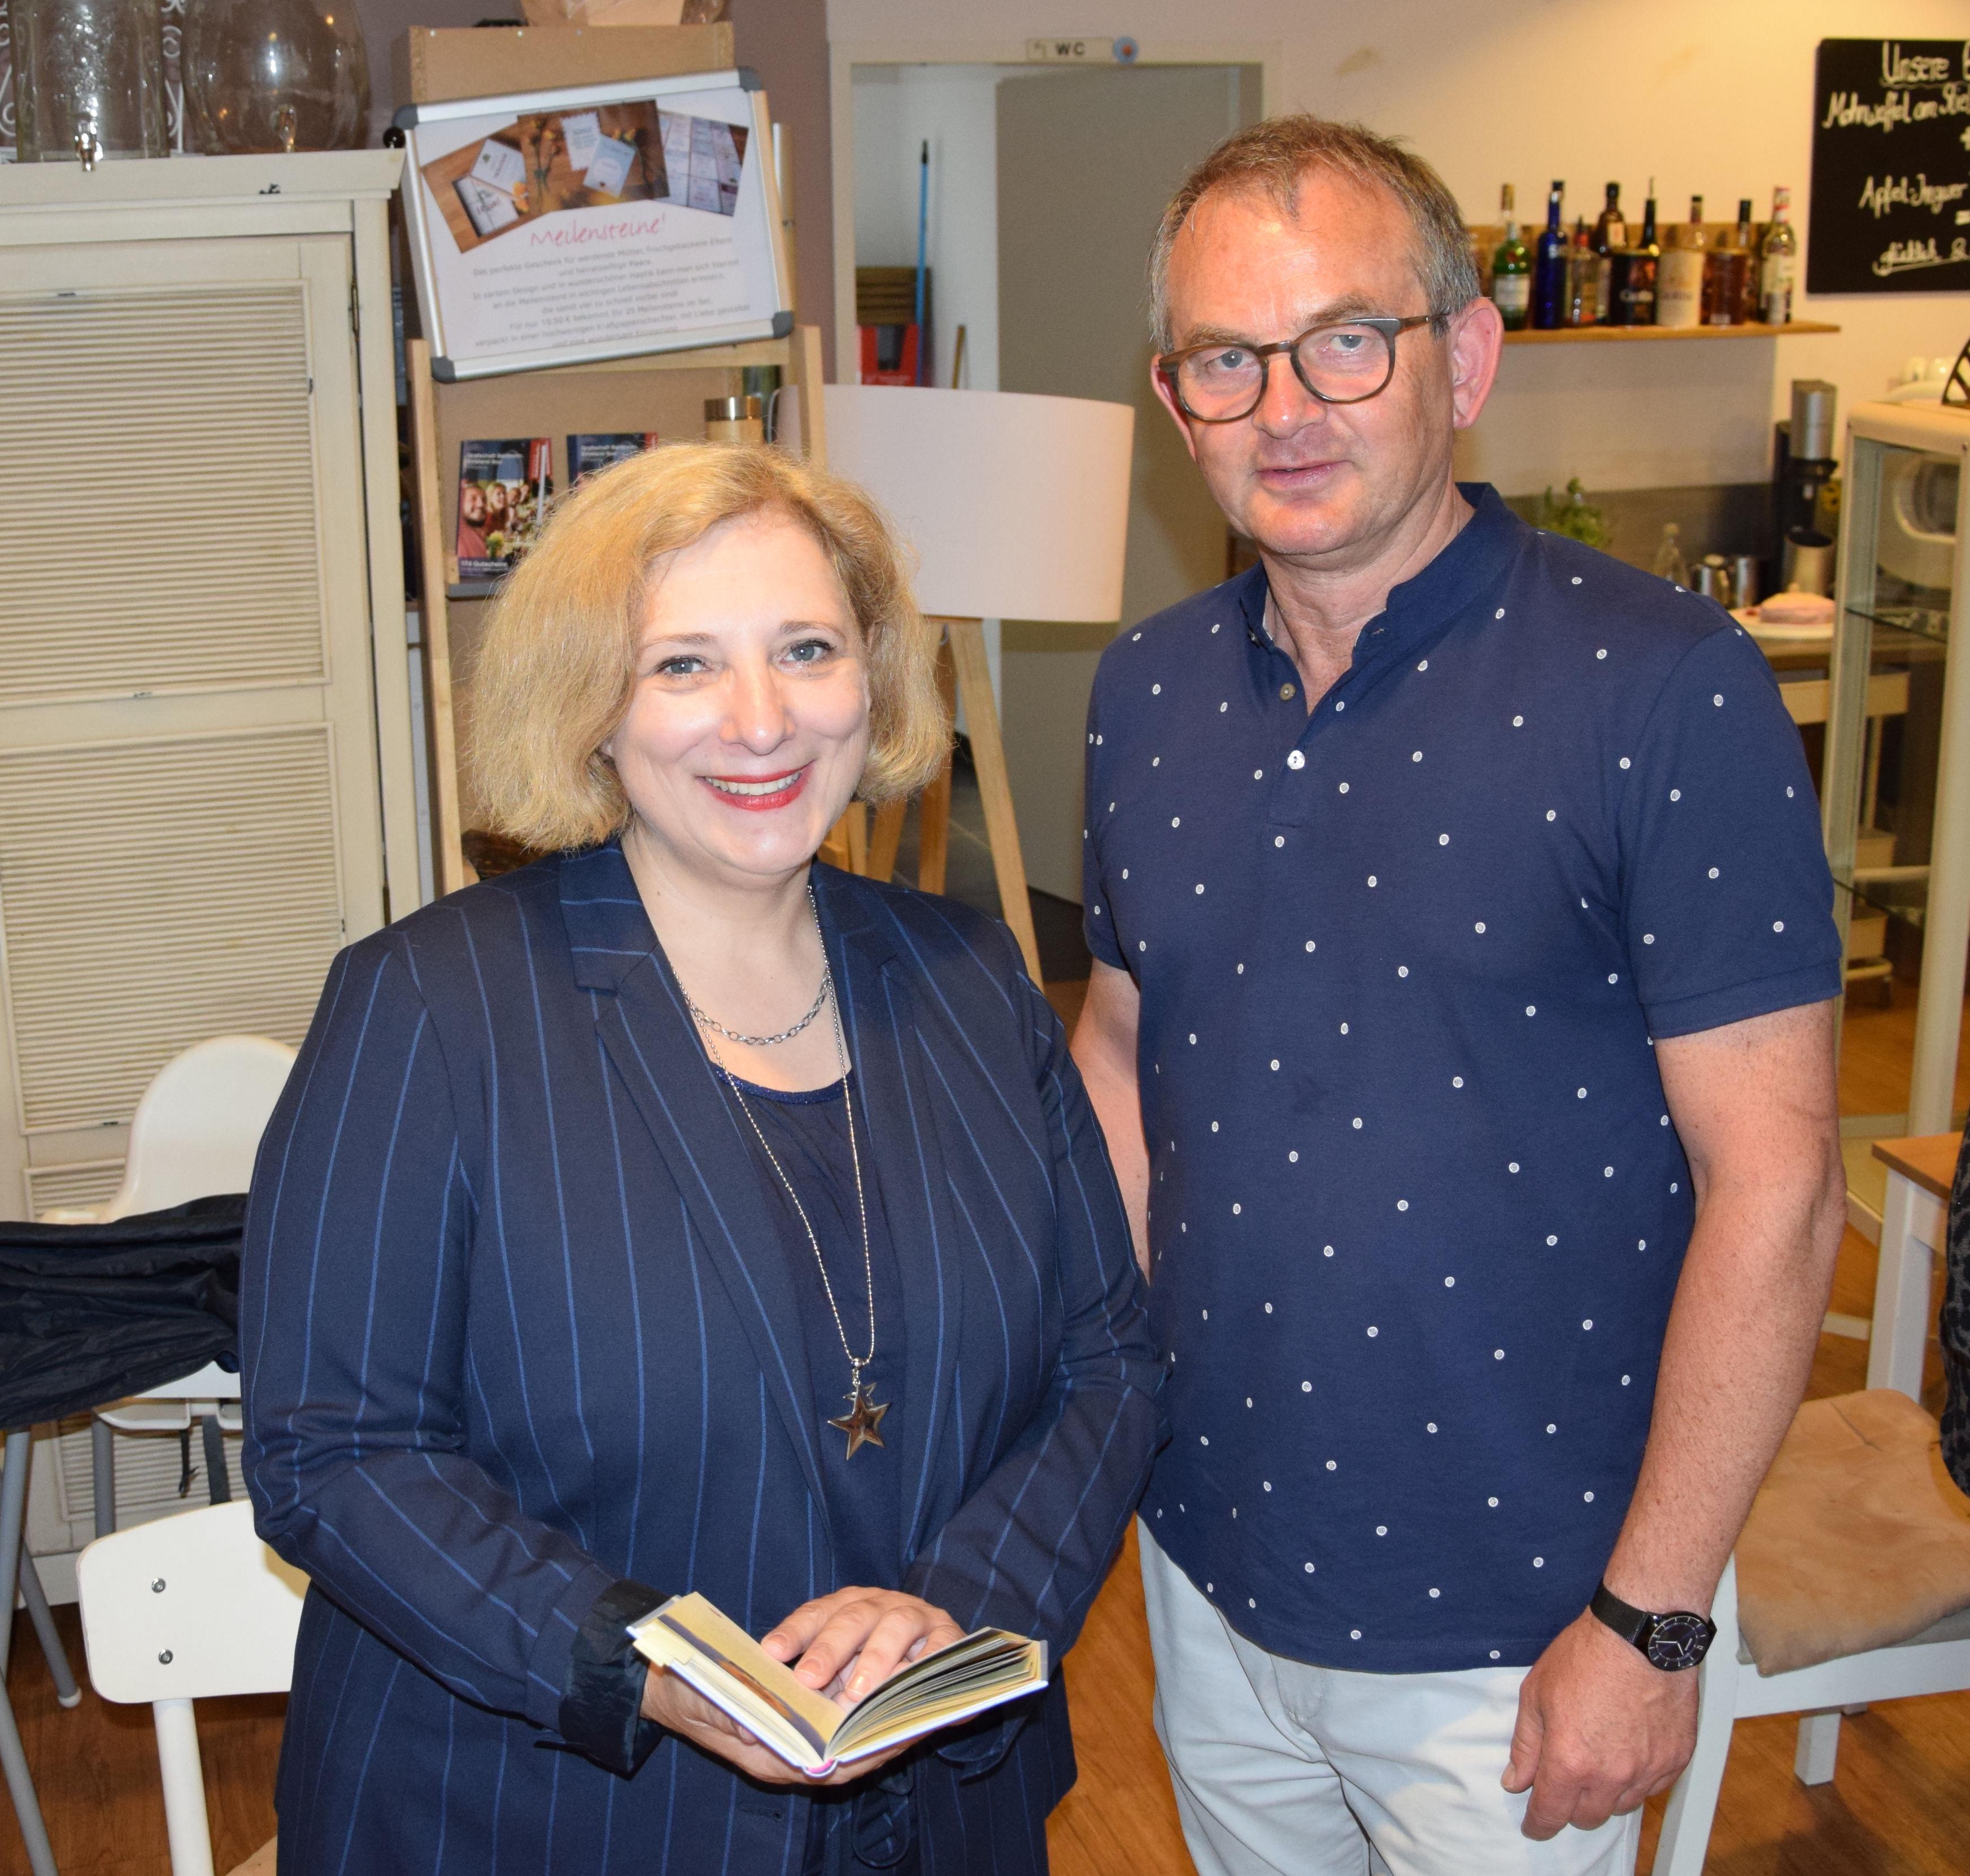 Dr. Daniela De Ridder und Gerd Wieners